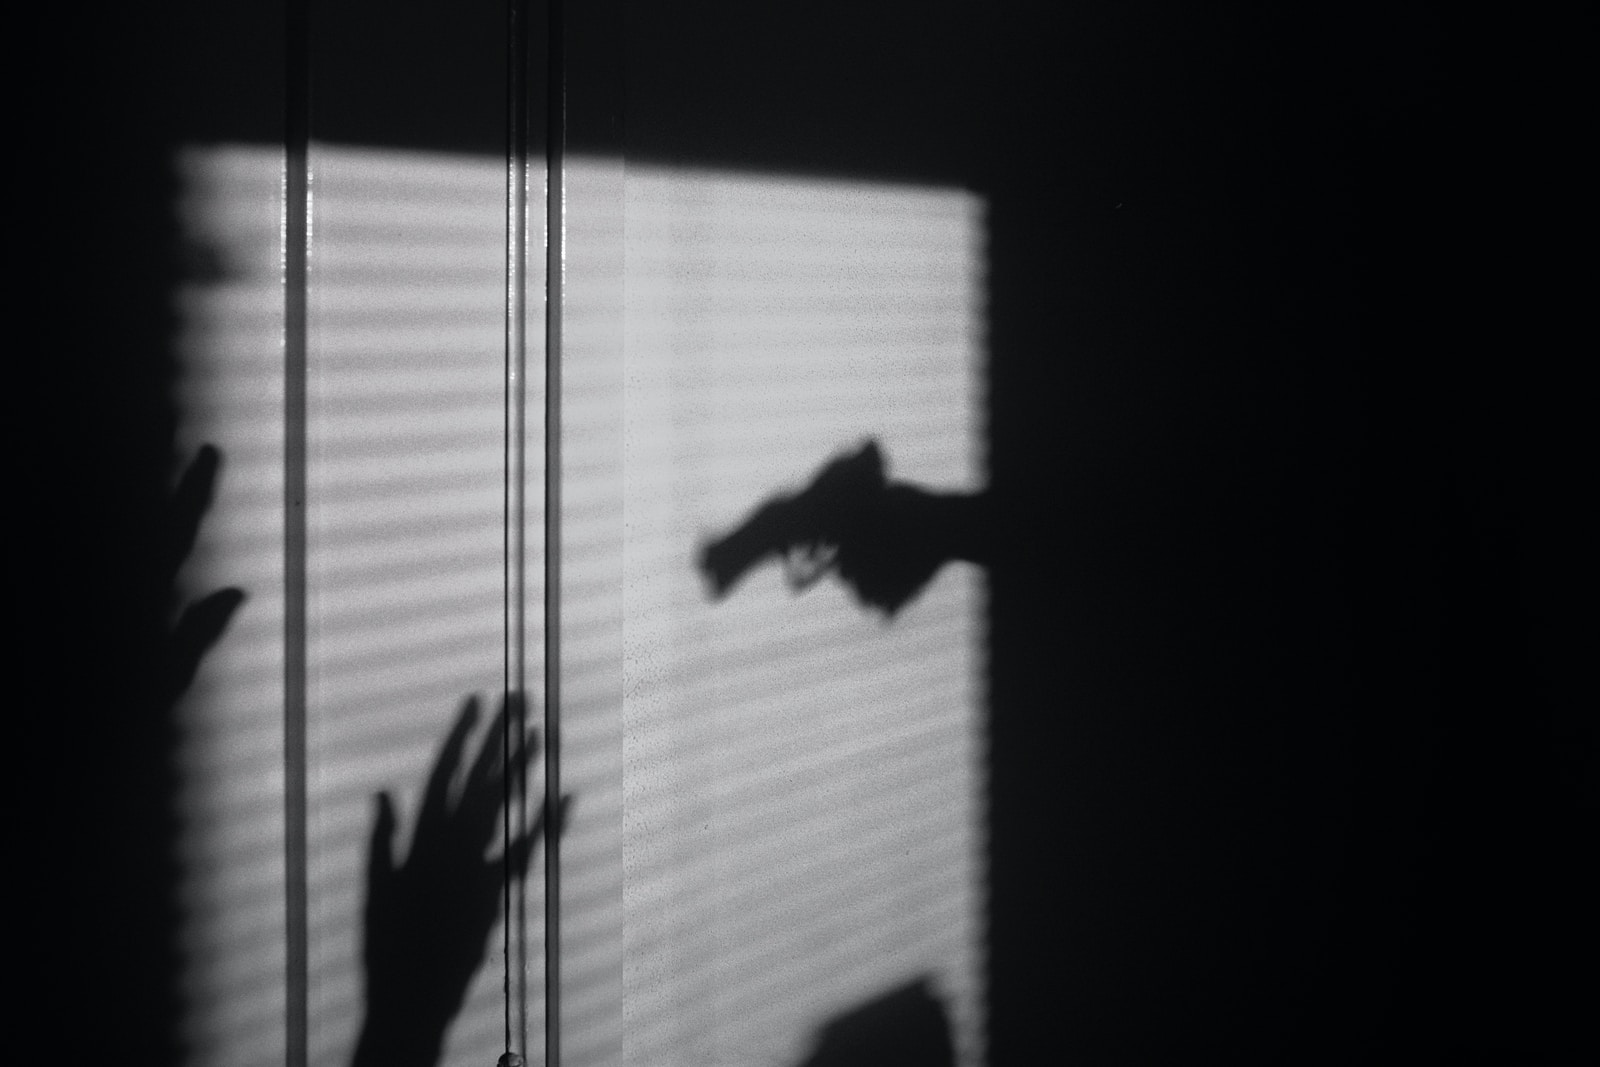 Mittelbare Täterschaft – Überblick, Aufbau und Prüfungsschema